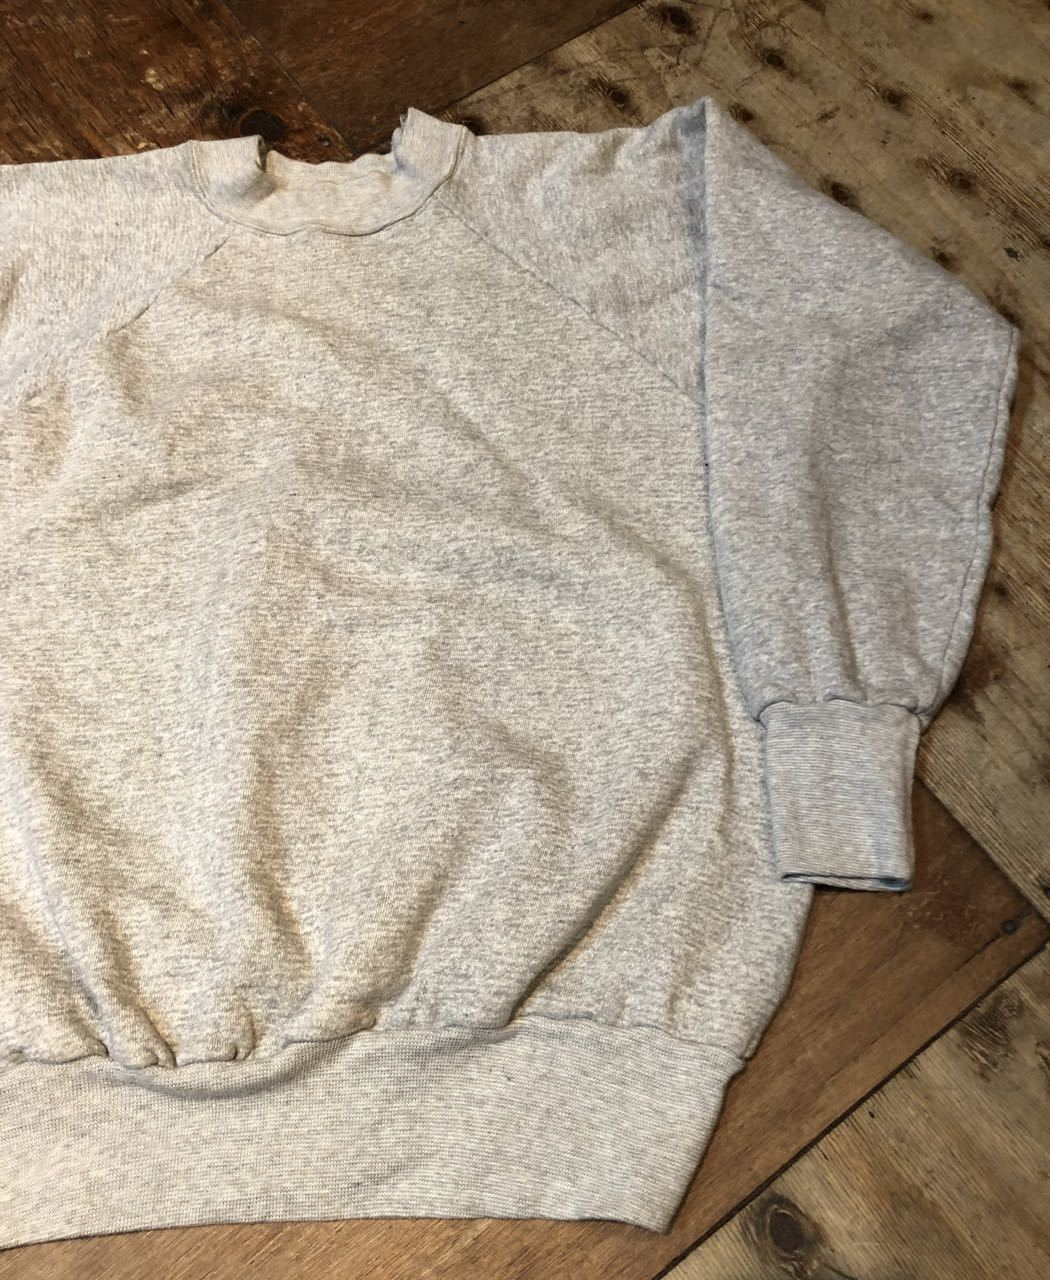 2月1日(土)入荷!ほぼデッドストック!60s〜  93%coton 7% acylic スエットシャツ! _c0144020_13230660.jpg